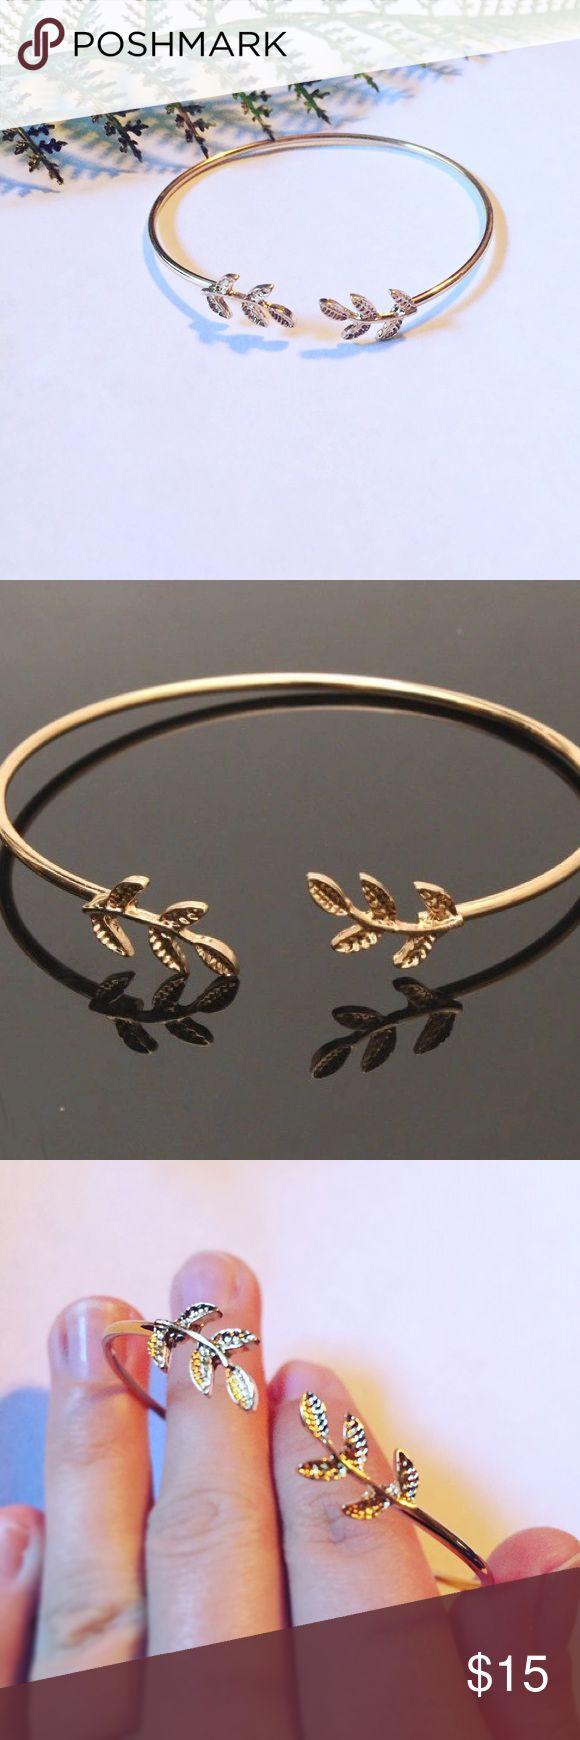 🍂Leaf🍂 Gold Plated Bangle 14k gold plated leaf bangle bracelet Pineapple.PalmBeach Jewelry Bracelets